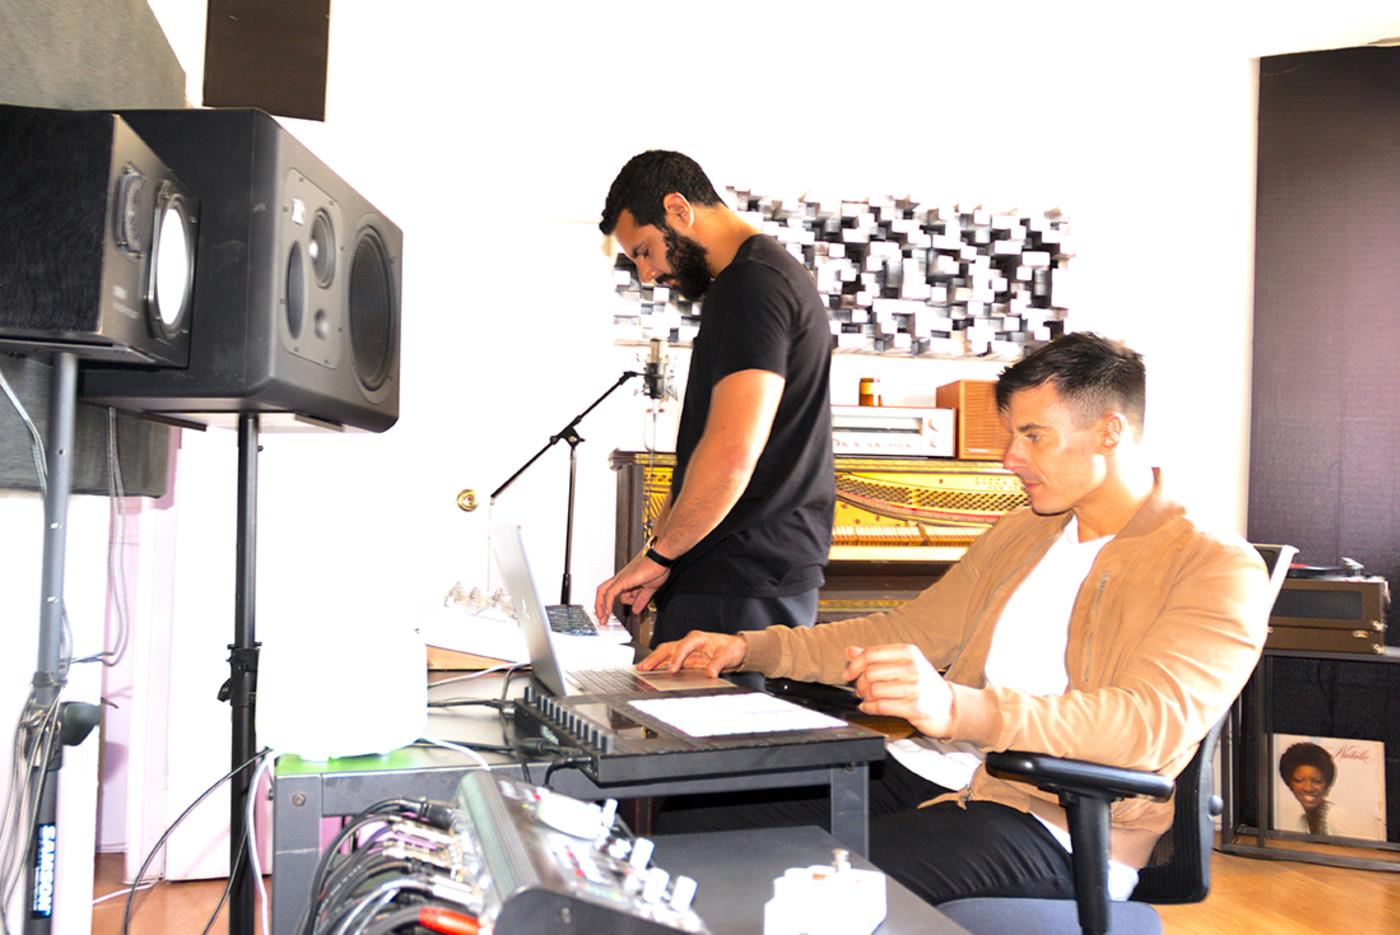 Australian production duo Finatik N Zac